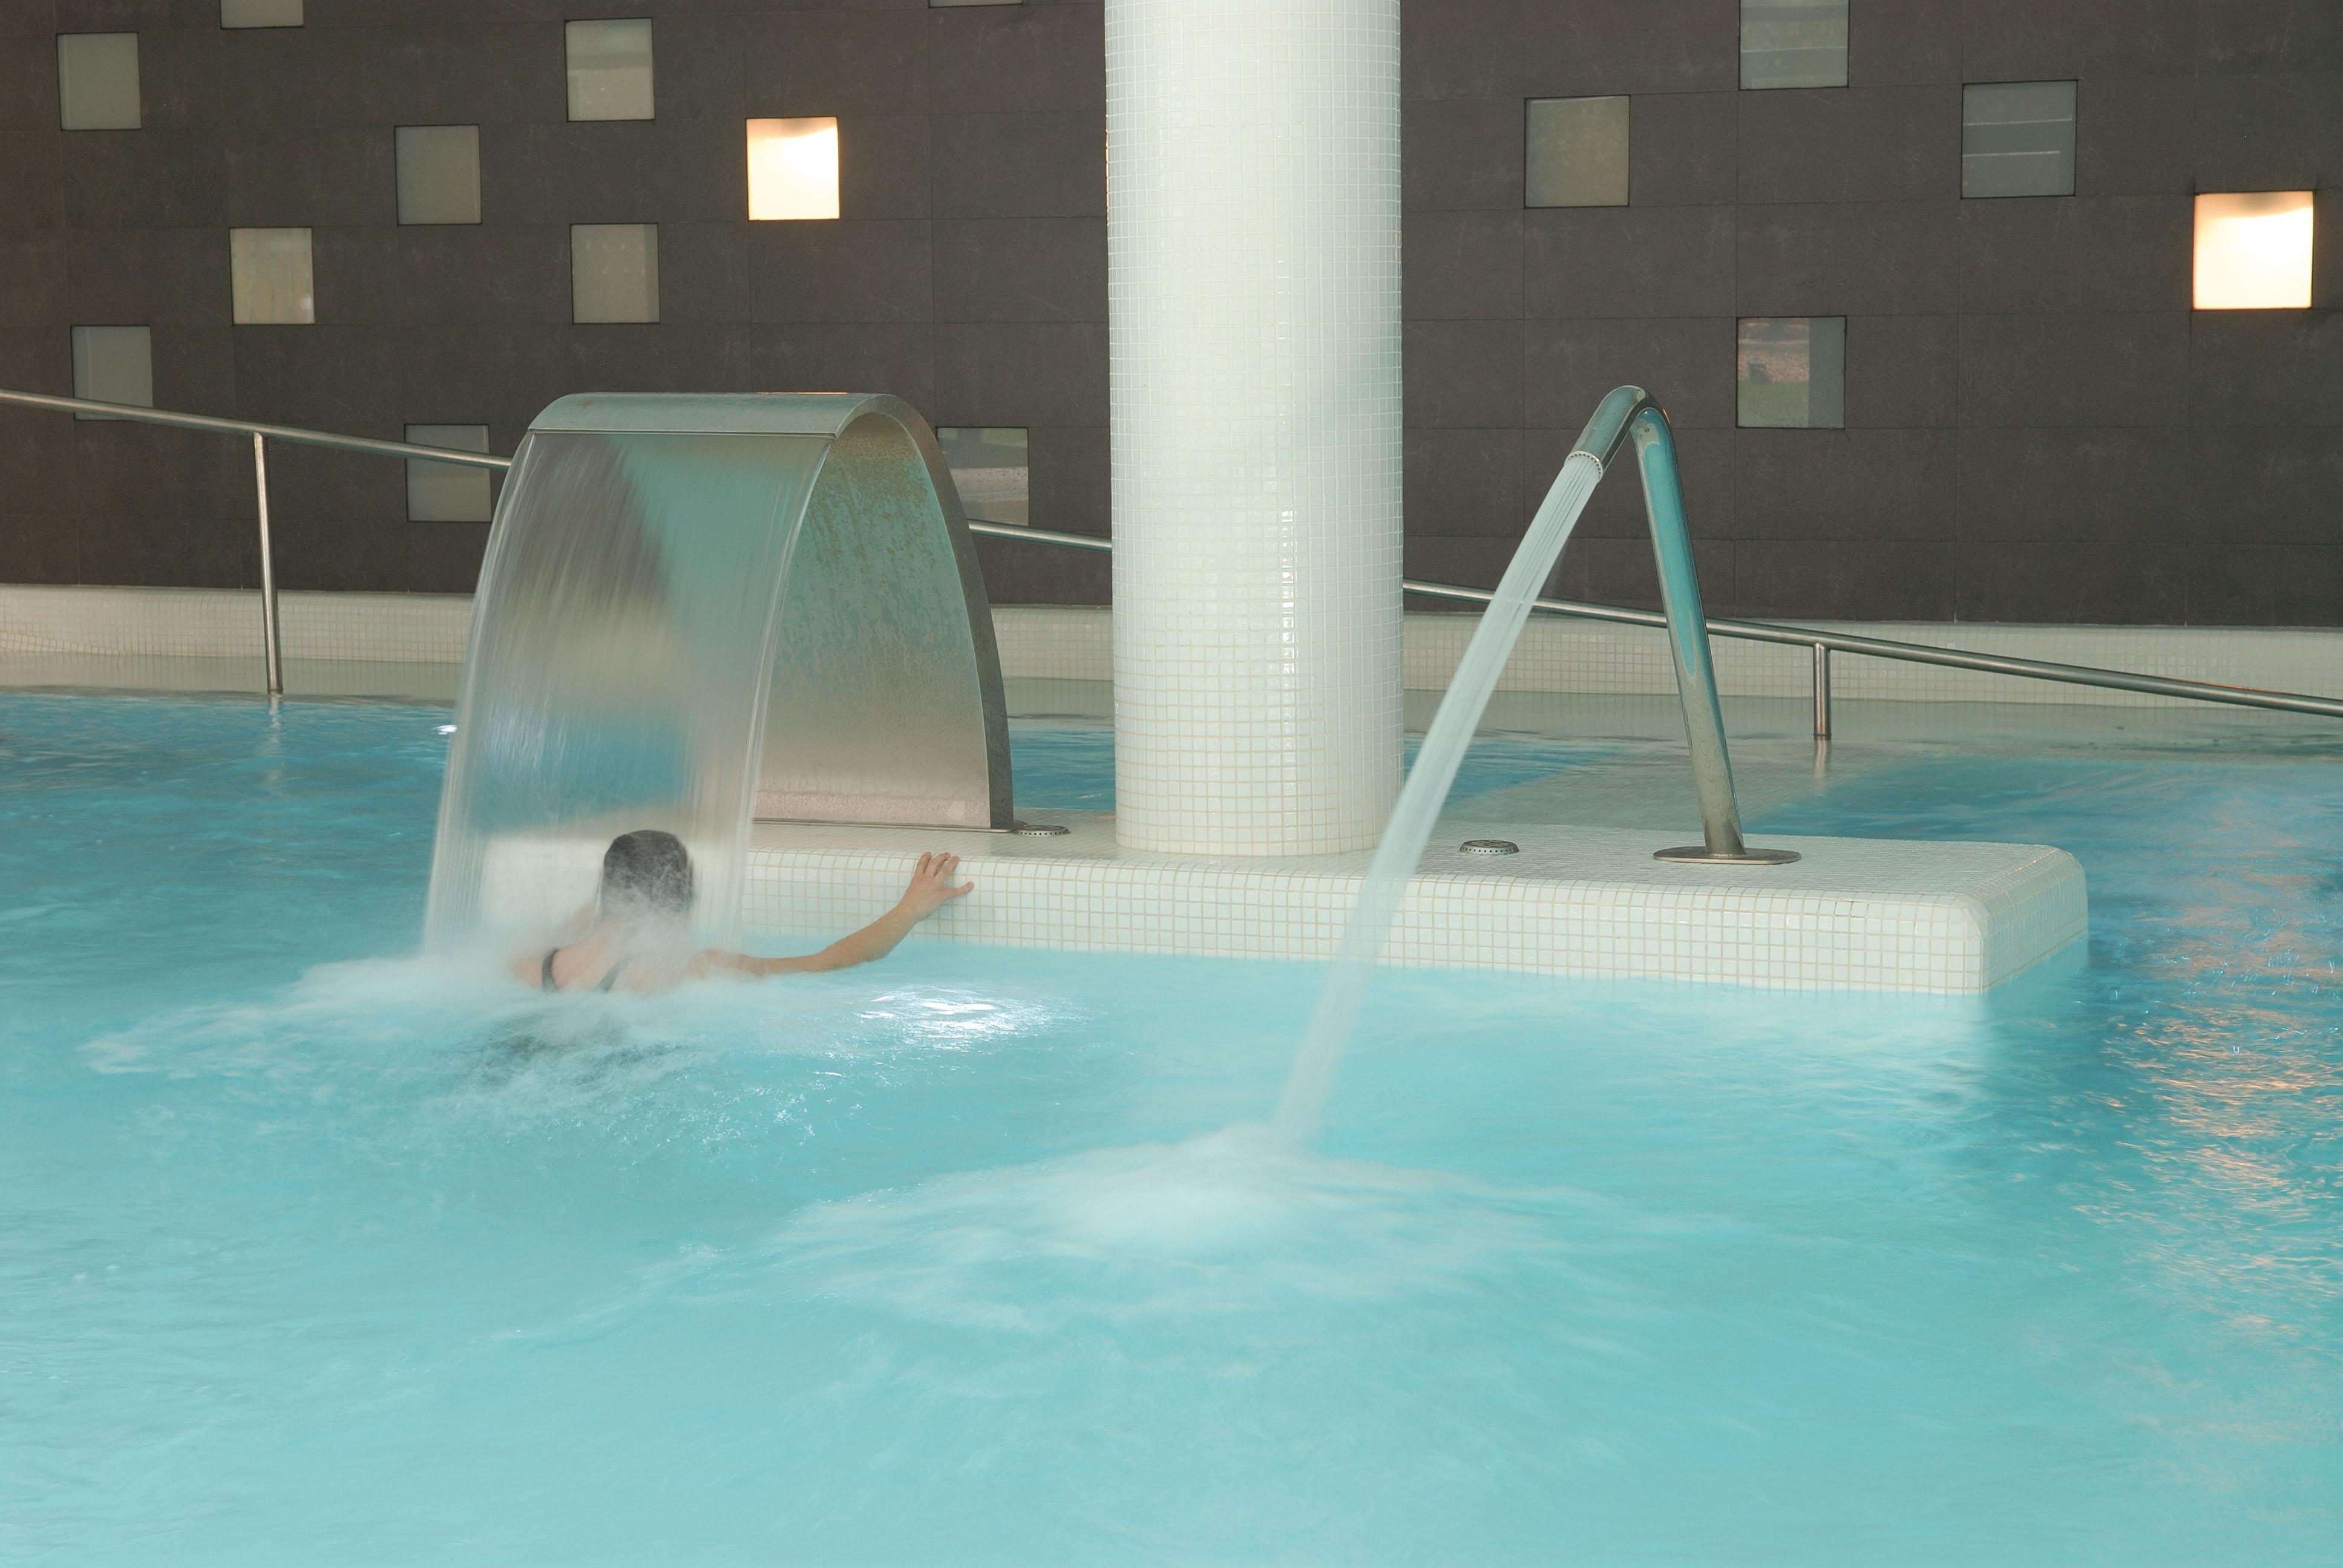 Mi ruta perfecta en arag n trentermal for Chorros para piscinas